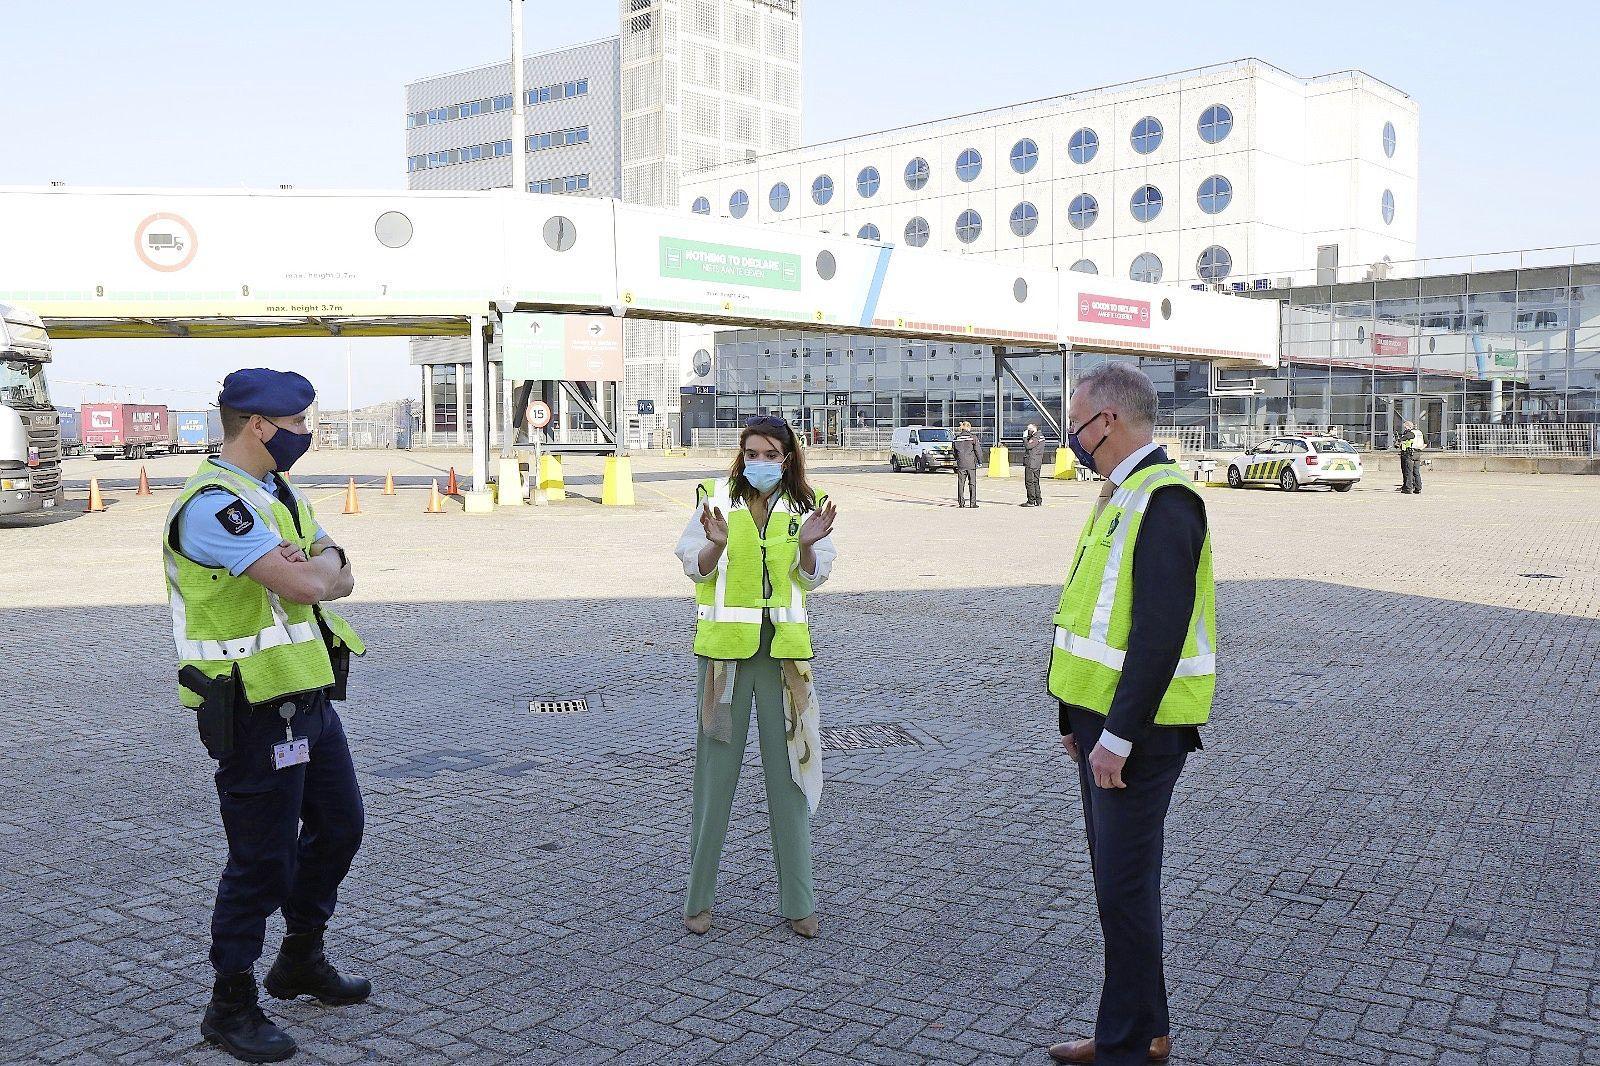 Velsense burgemeester Dales voorkomt gevreesd vertrek van politie én marechaussee uit IJmuiden: wakers krijgen gezamenlijk 'hoofdkwartier' aan Kanaalstraat